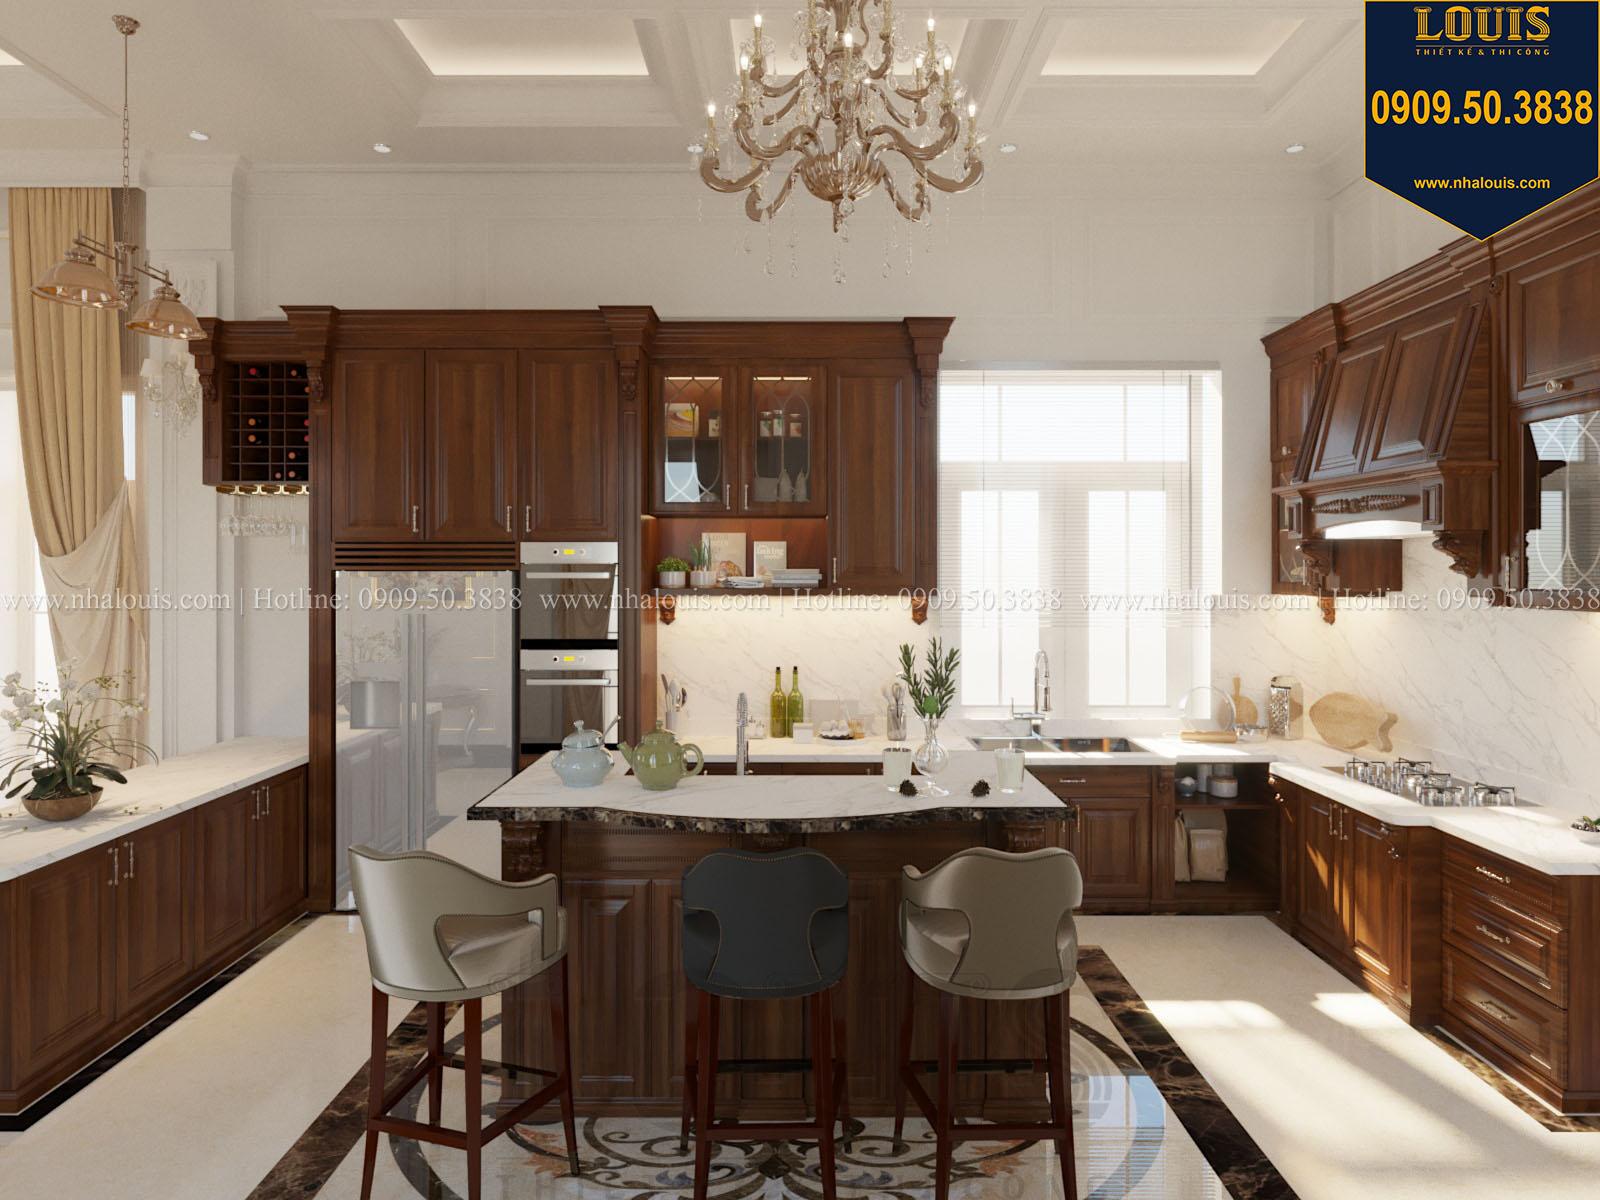 Bếp biệt thự 2 tầng đẹp chọn gỗ làm chất liệu chủ đạo đầy ấm áp - 017